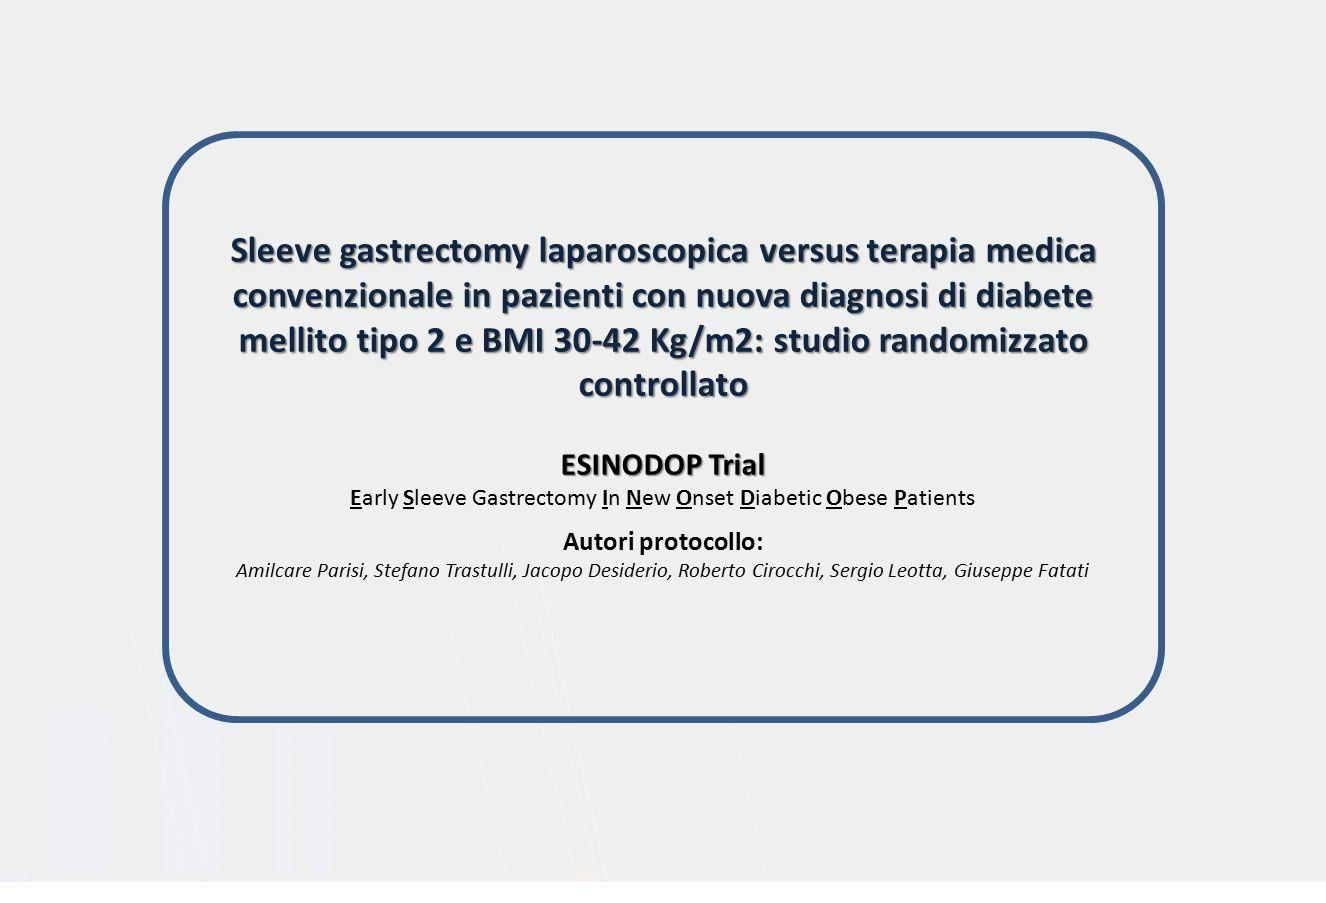 Sleeve gastrectomy laparoscopica versus terapia medica convenzionale in pazienti con nuova diagnosi di diabete mellito tipo 2 e BMI 30-42 Kg/m2: studi